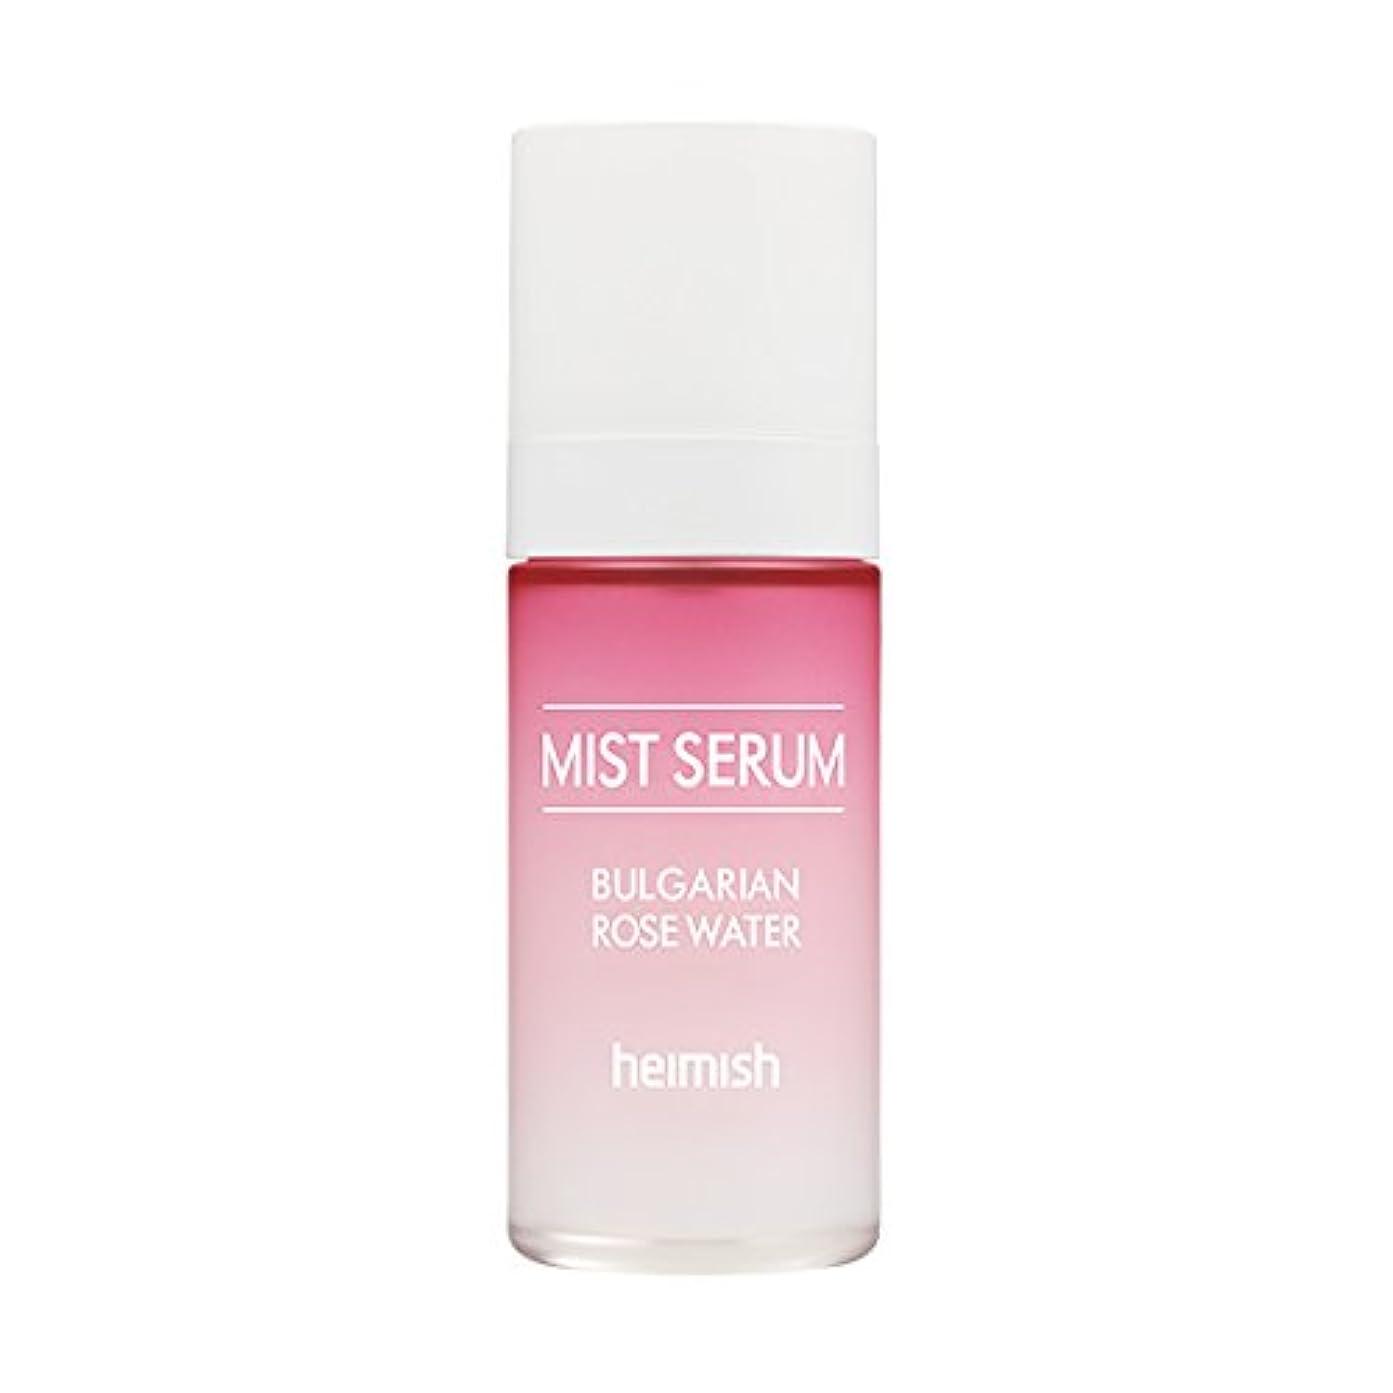 ビート雇う鳩heimish Bulgarian Rose Water Mist Serum 55ml/ヘイミッシュ ブルガリアン ローズ ウォーター ミスト セラム 55ml [並行輸入品]